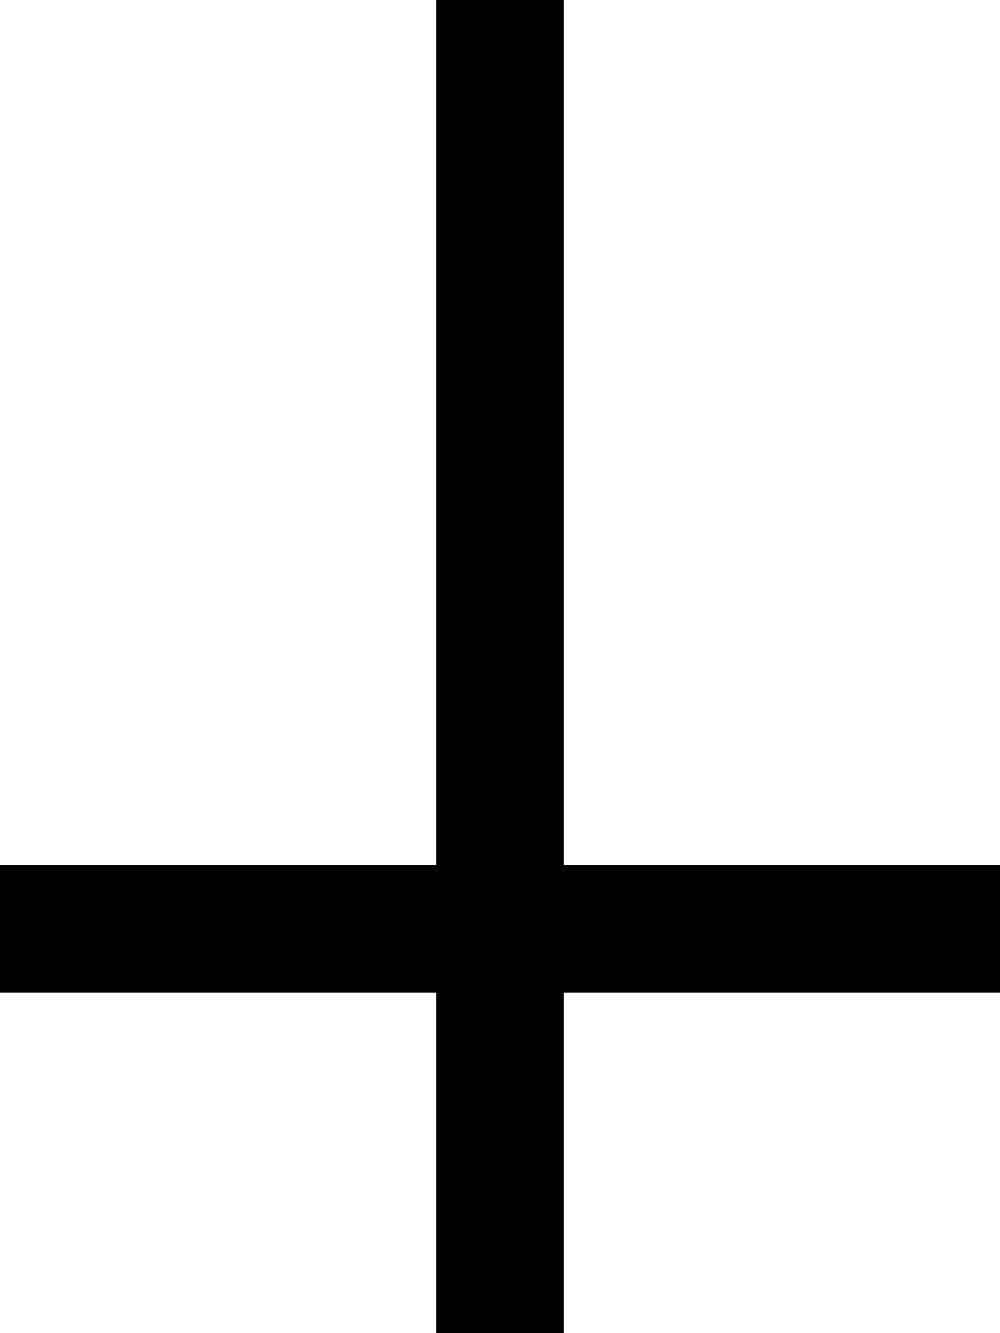 Wikipedia talk:WikiProject Catholicism